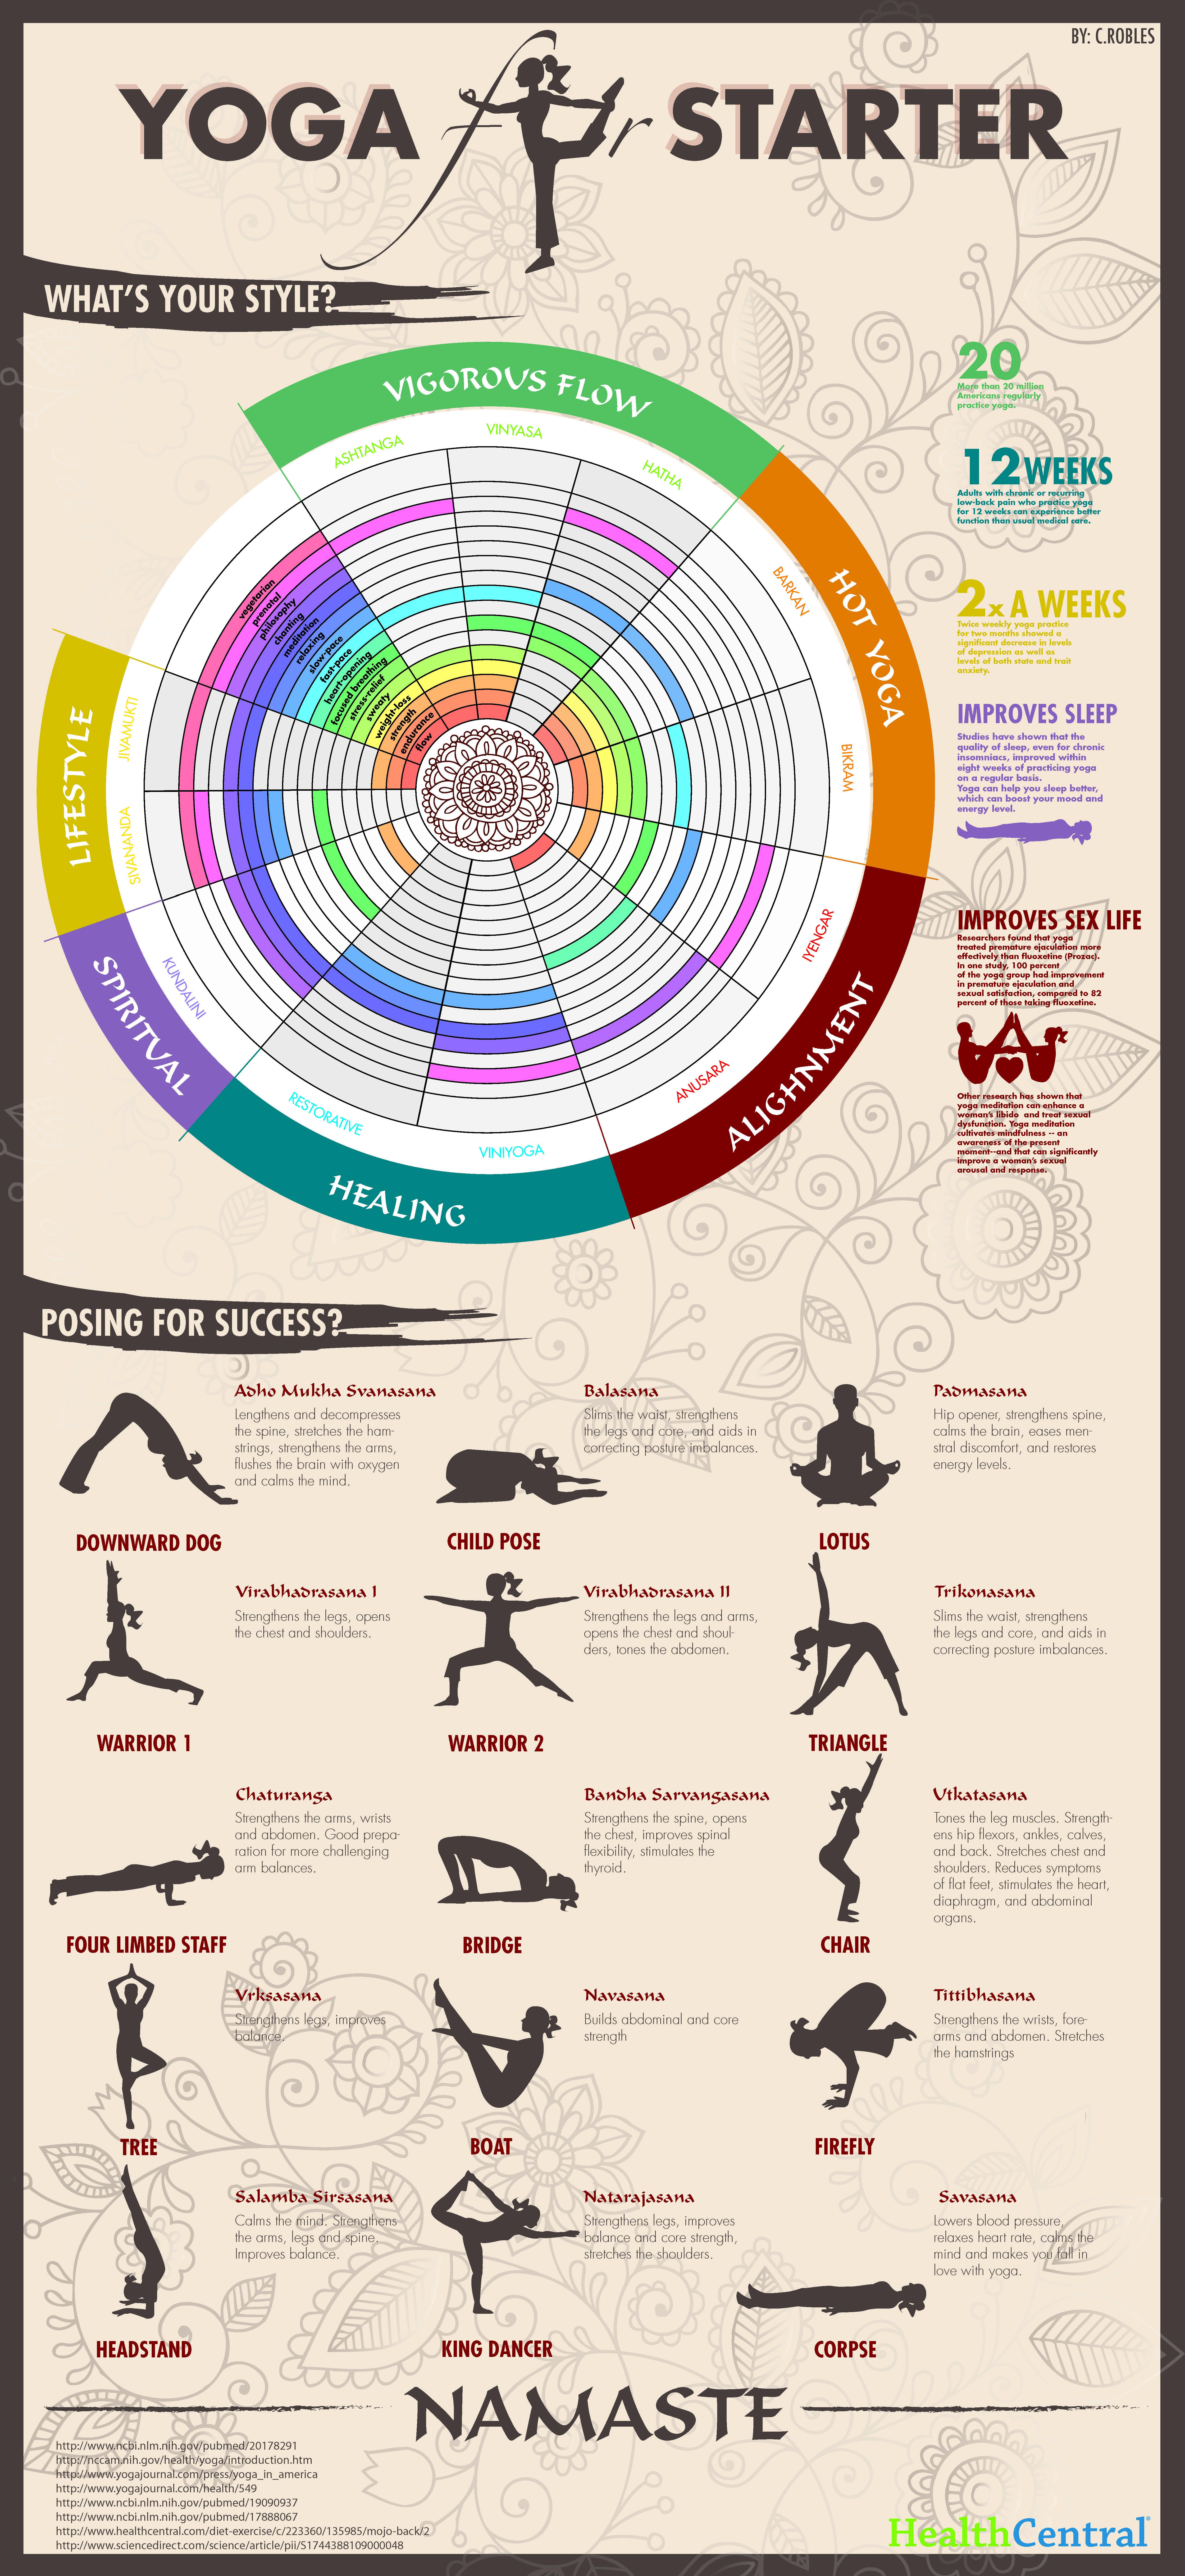 Yoga for Starters - Namaste | Acupuncture | Pinterest | Namaste ...